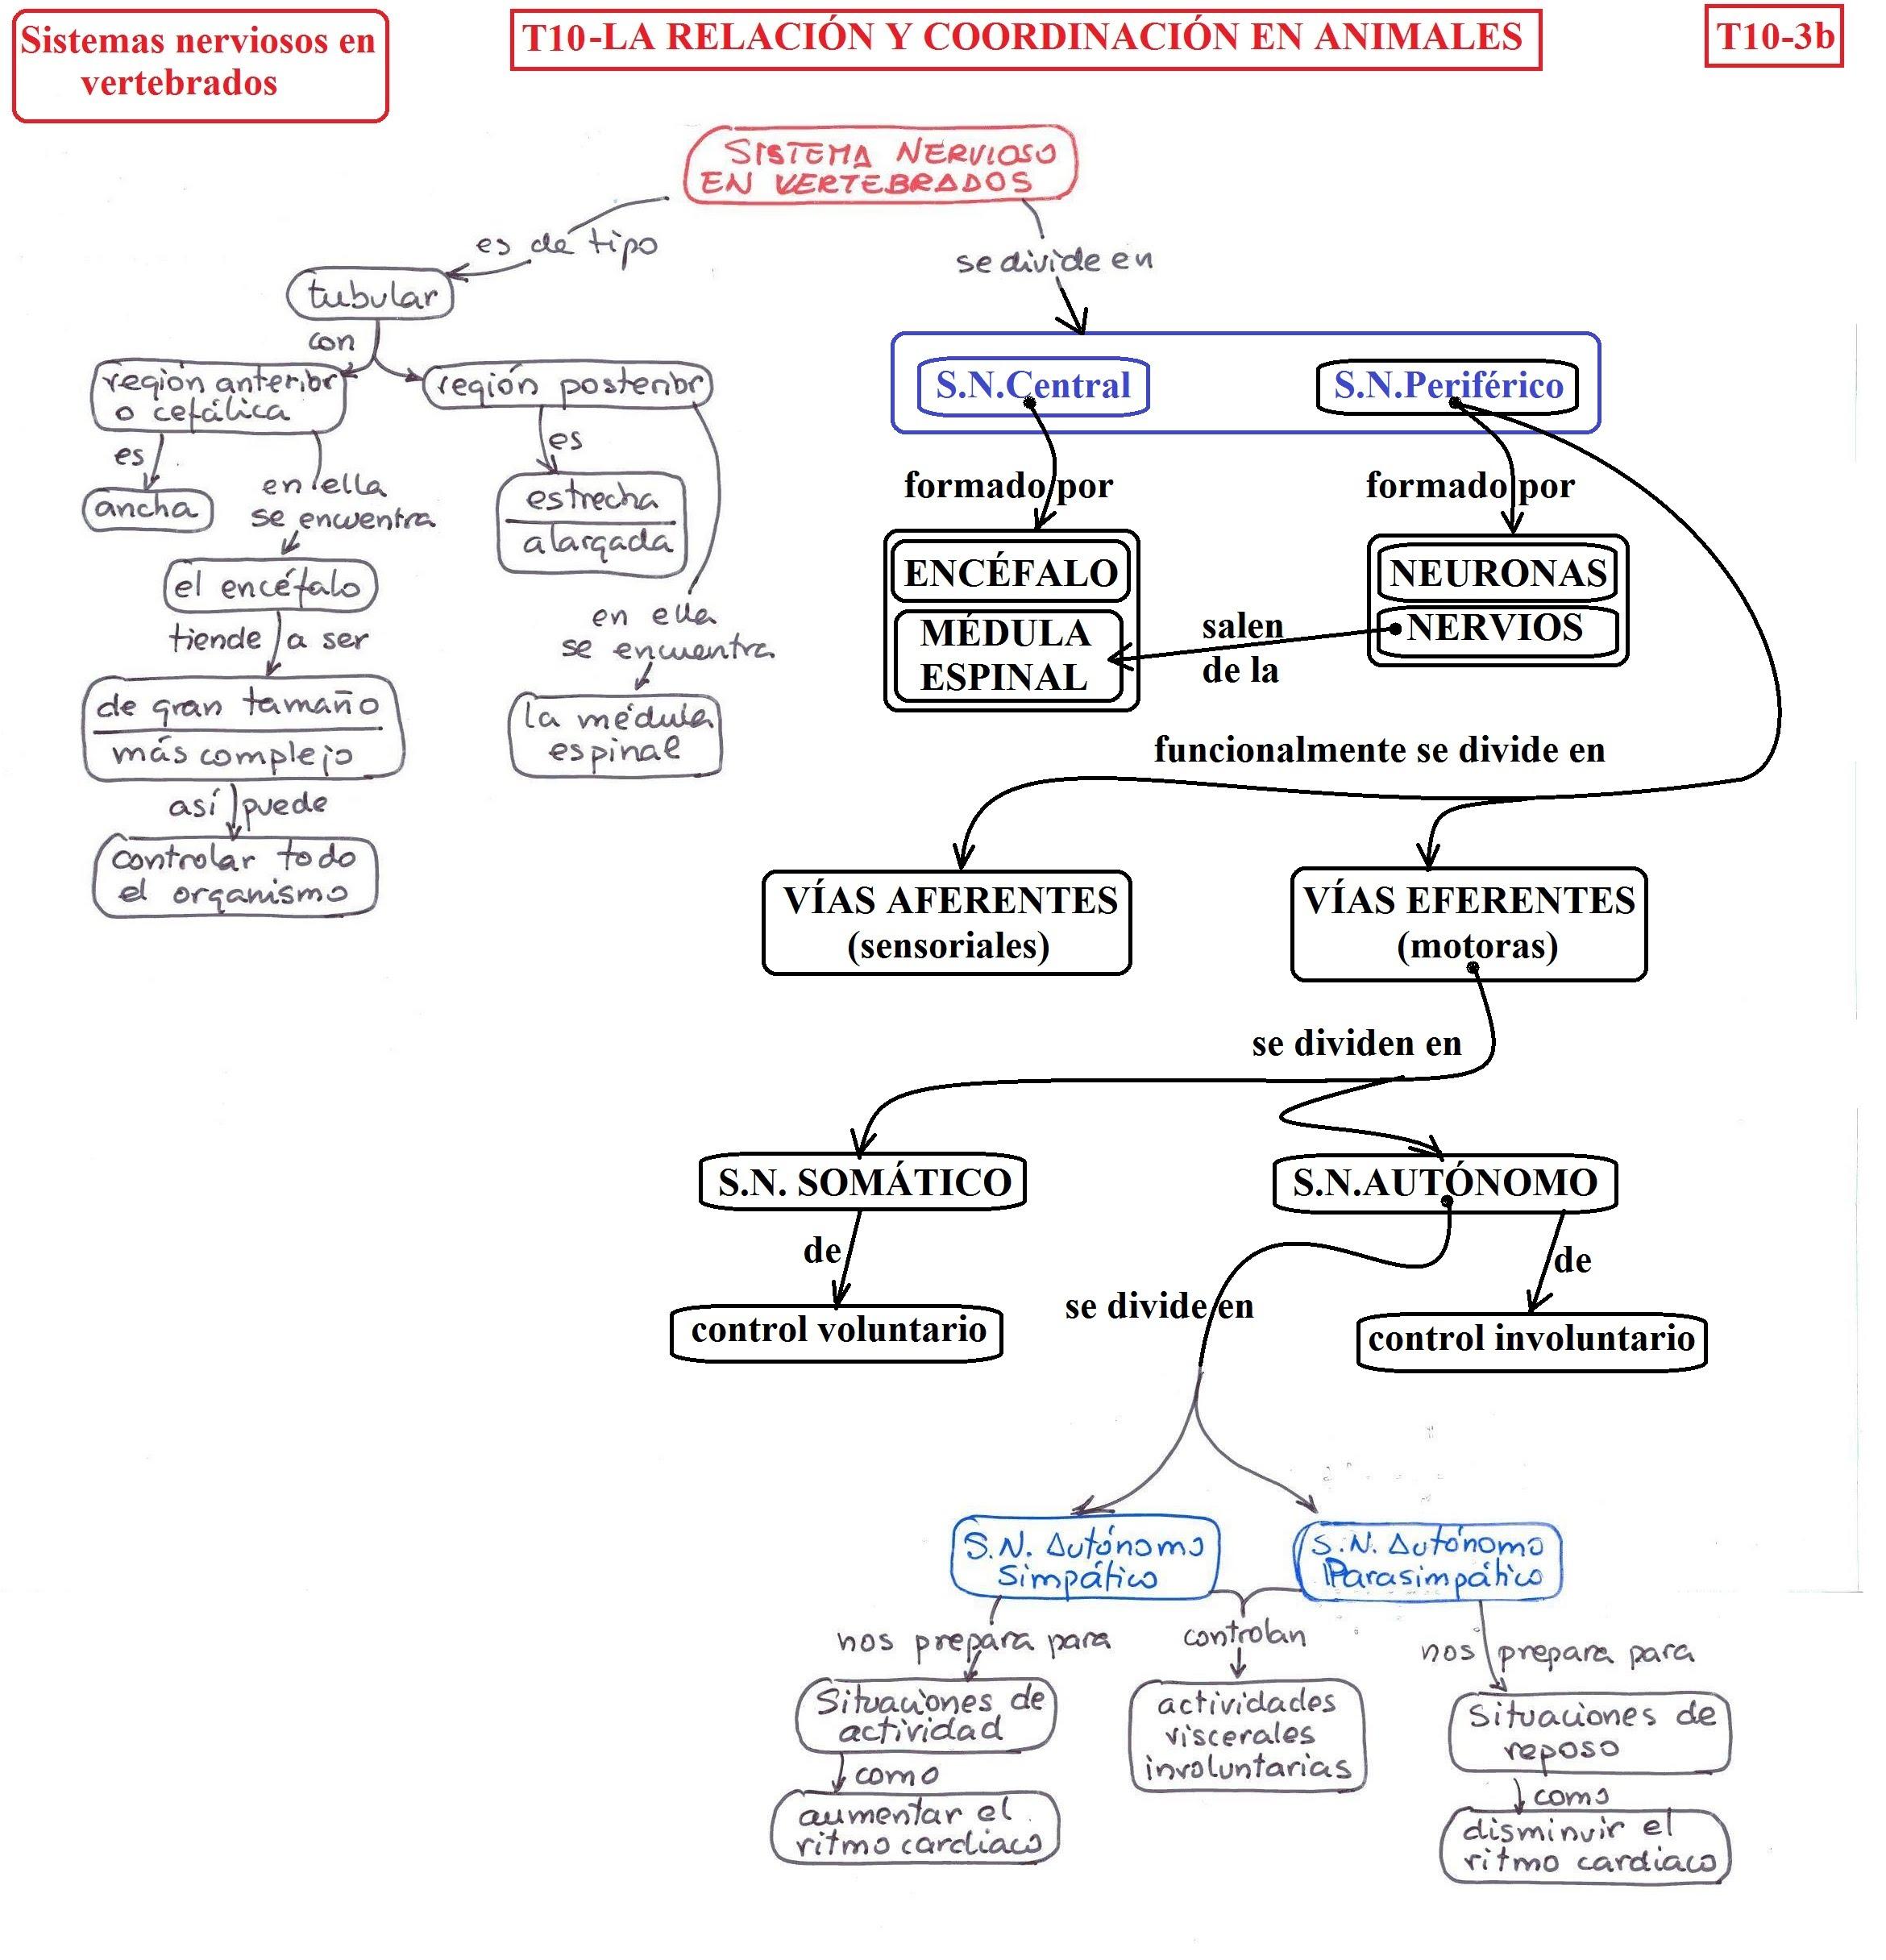 T10-3b-sistemas nervioso vertebrados.jpg